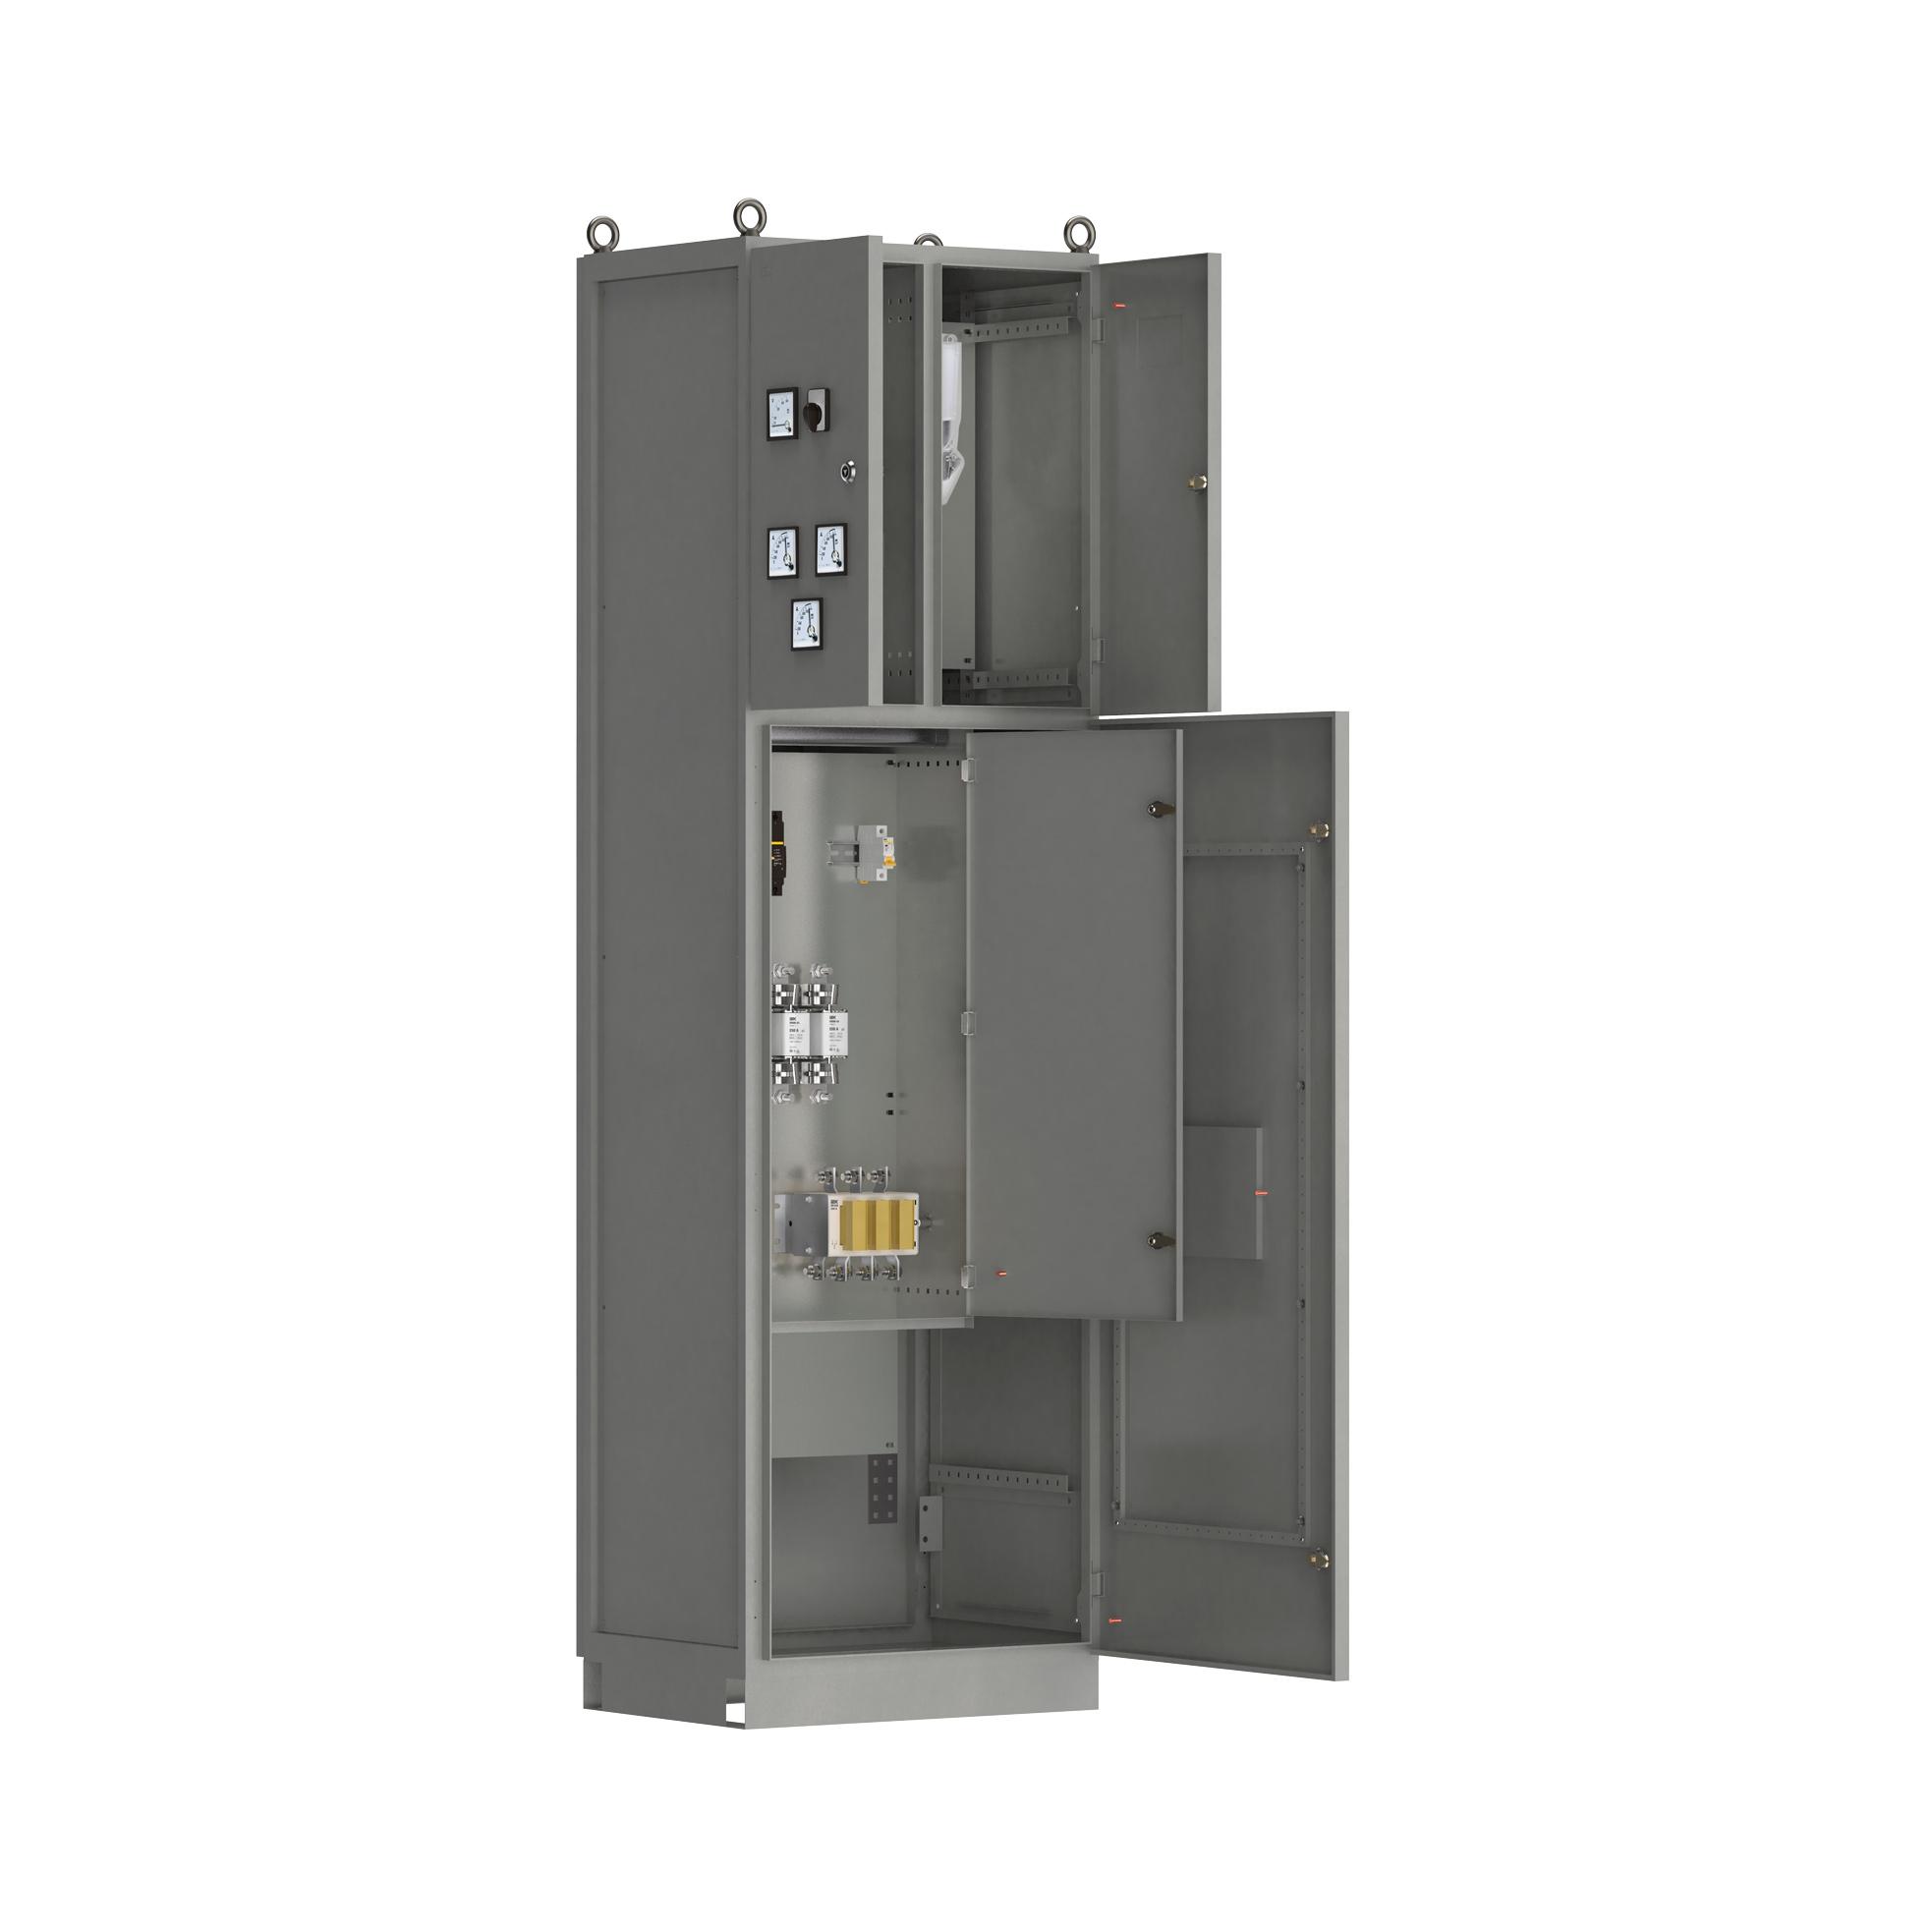 Панель вводная ВРУ-8504 МУ 3ВП-5-40-0-30 рубильник 1х400А плавкие вставки 3х400А выключатель автоматический 1Р 1х6А и учет IEK